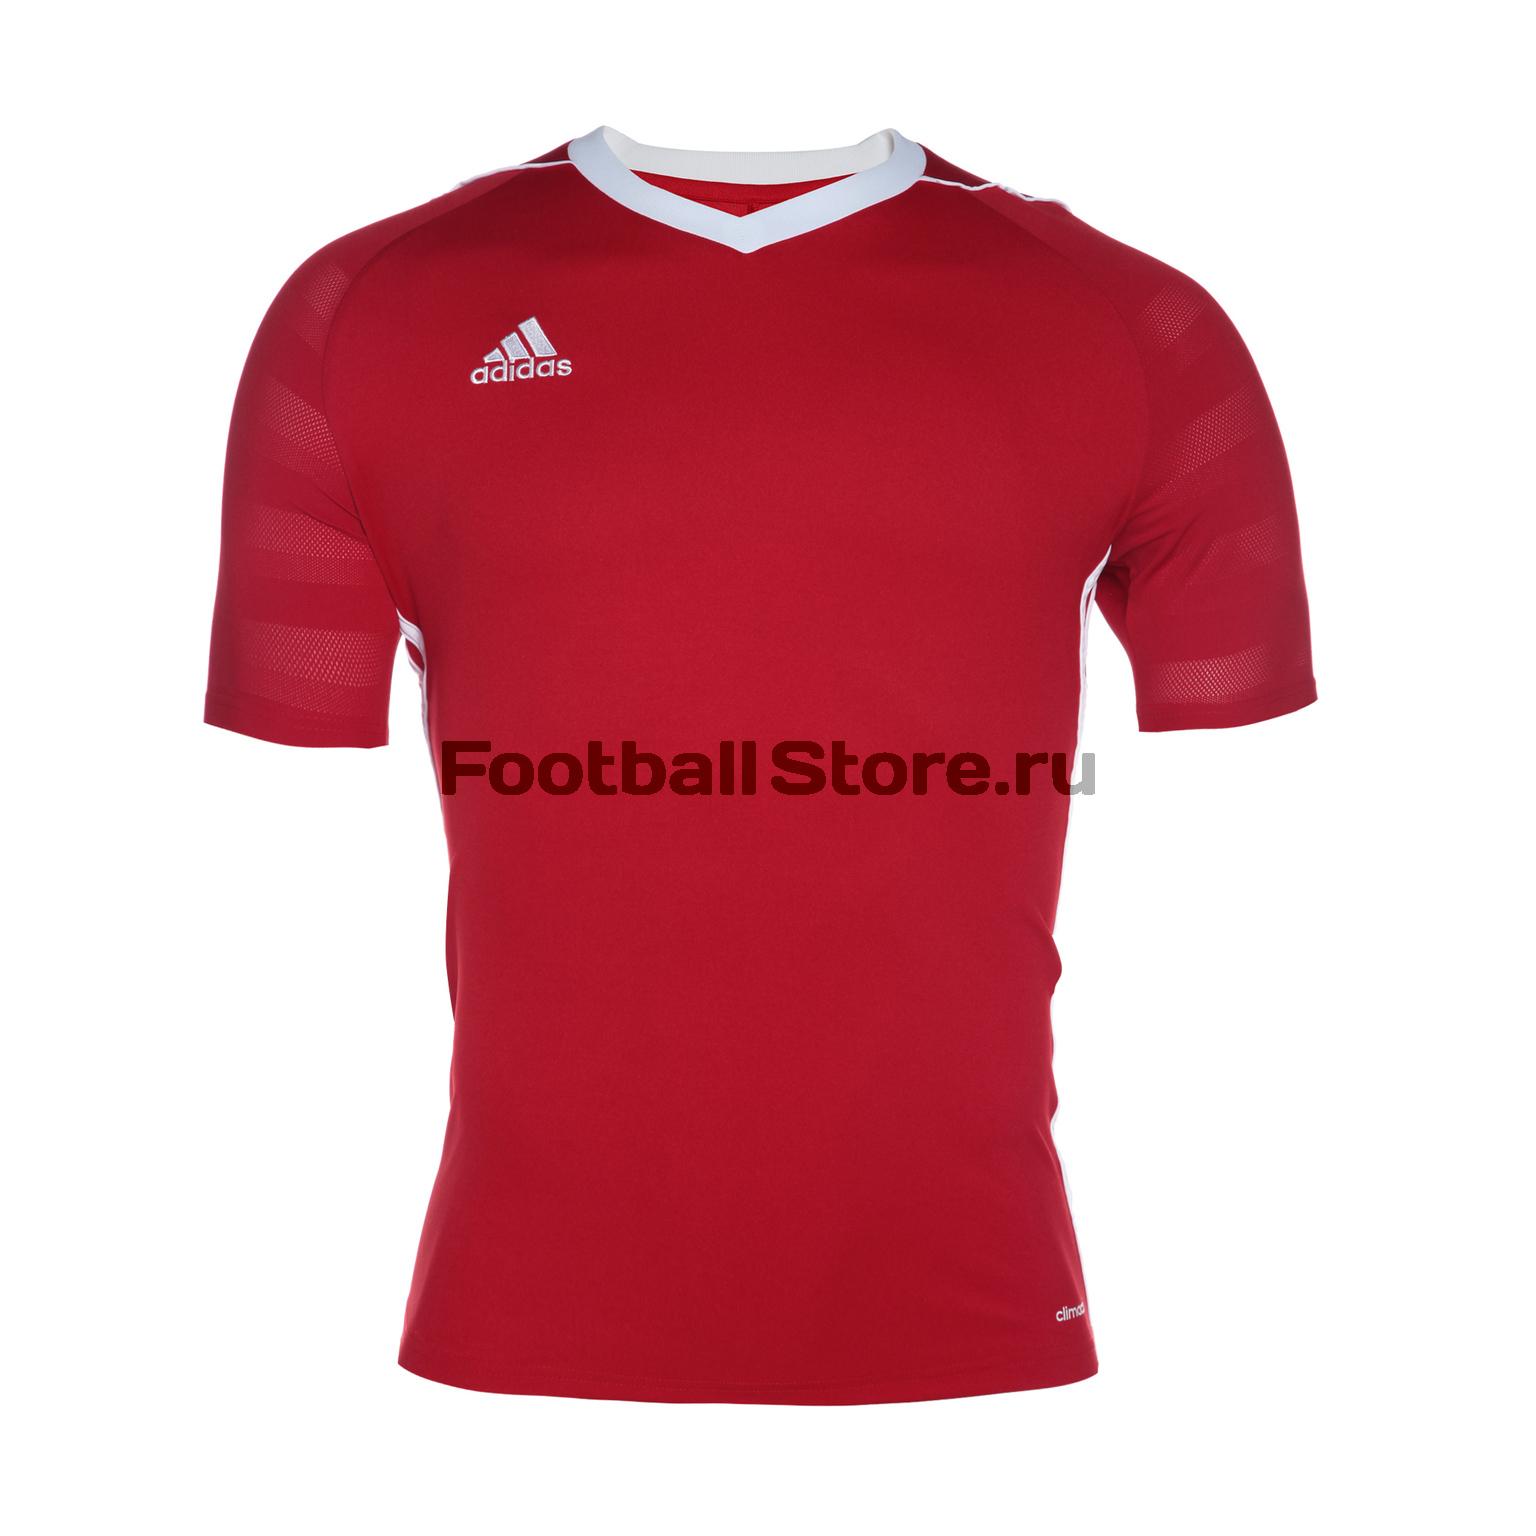 Футболки Adidas Футболка игровая Adidas Tiro 17 S99146